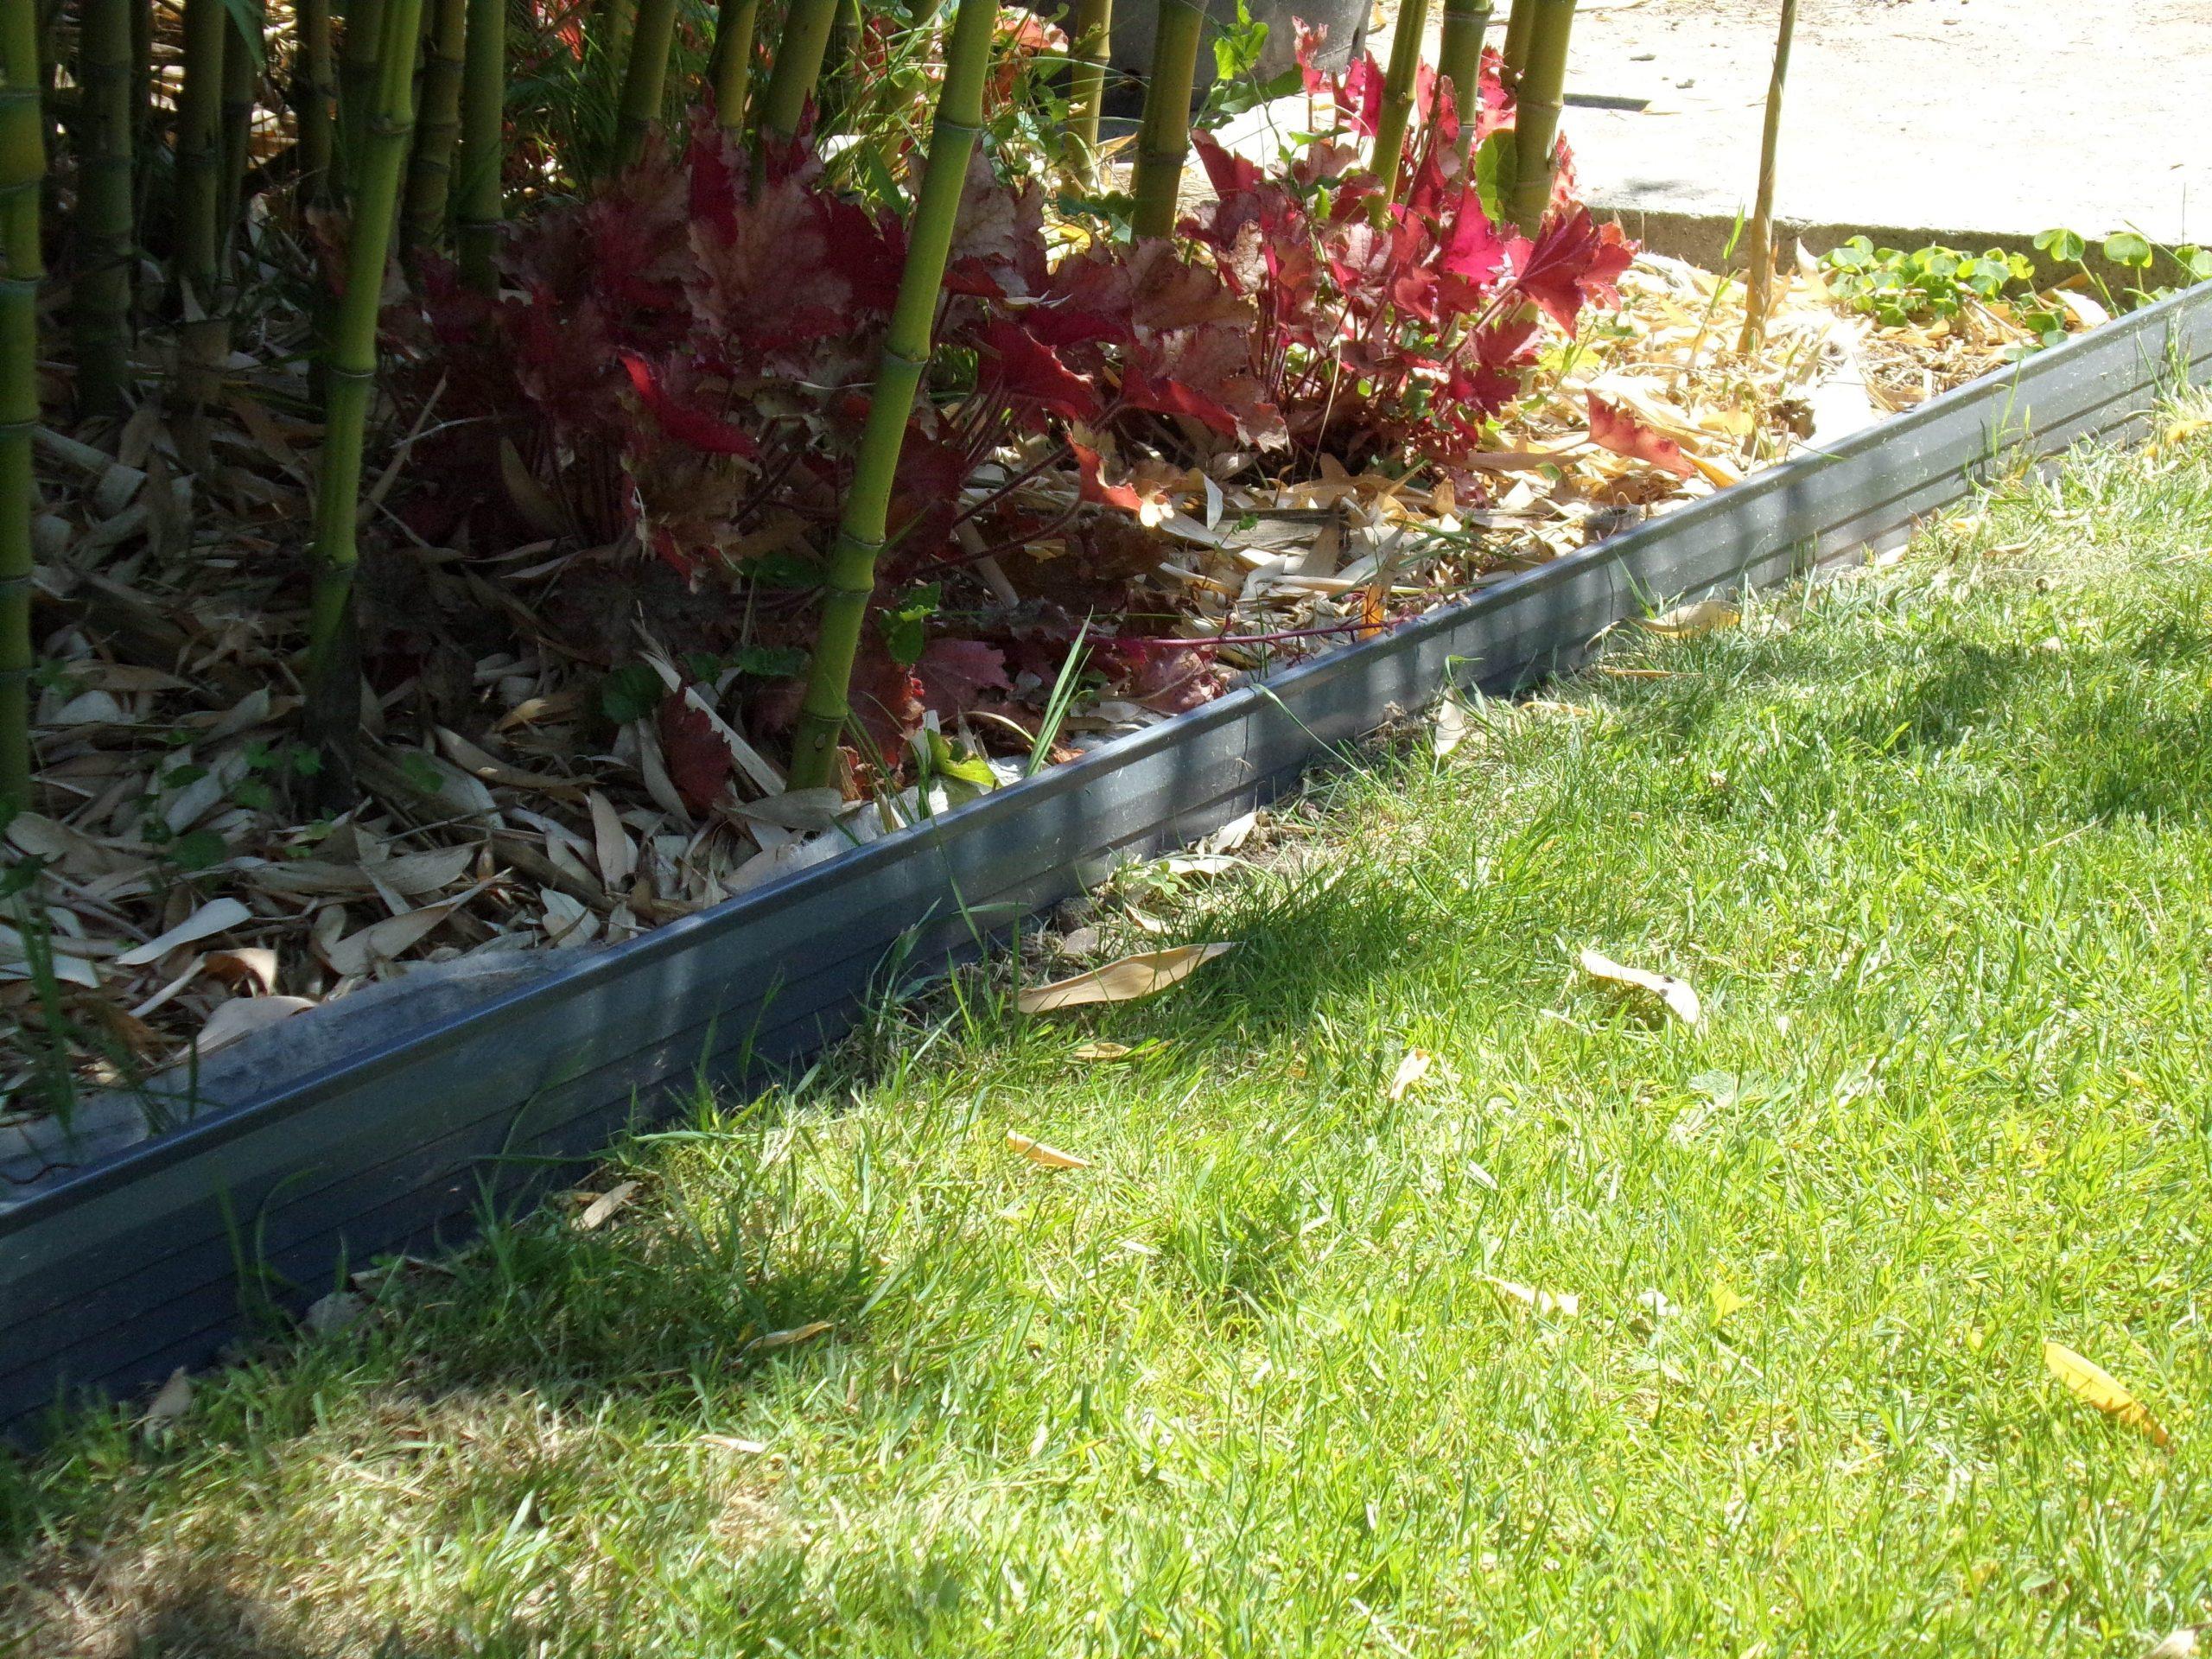 Bordure En Aluminium Laqué Avec Led Intégré De Chez Apanages ... concernant Bordure Jardin Pvc